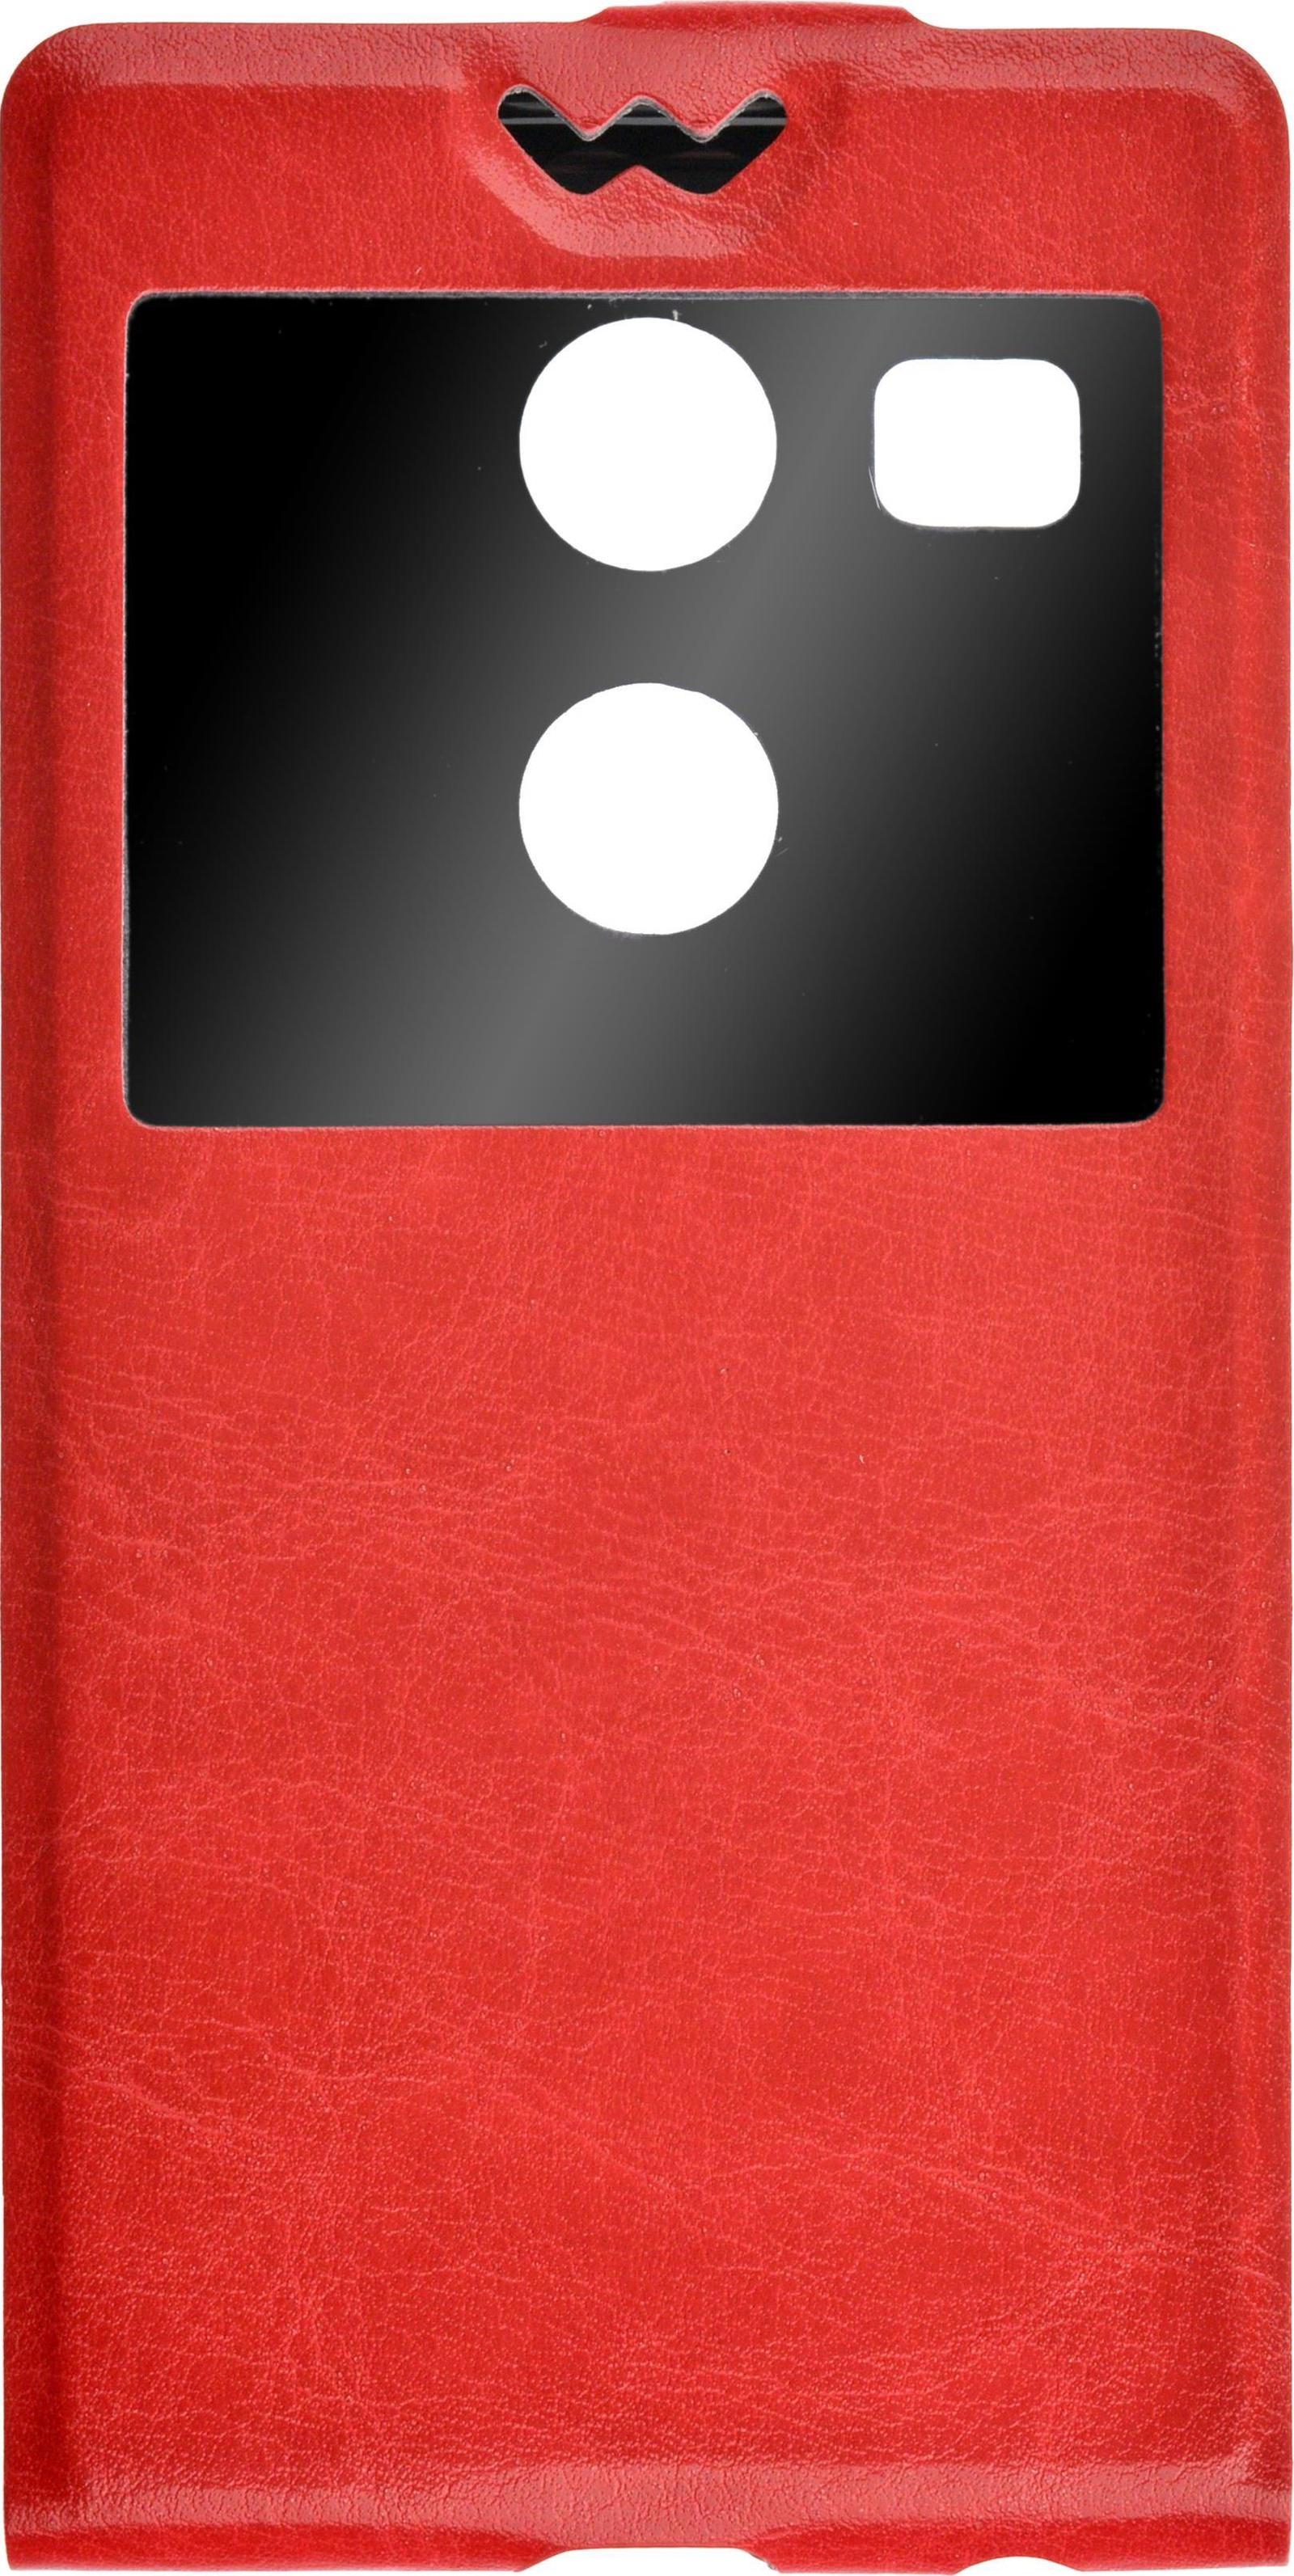 Чехол для сотового телефона skinBOX Flip slim, 4630042525221, красный стоимость